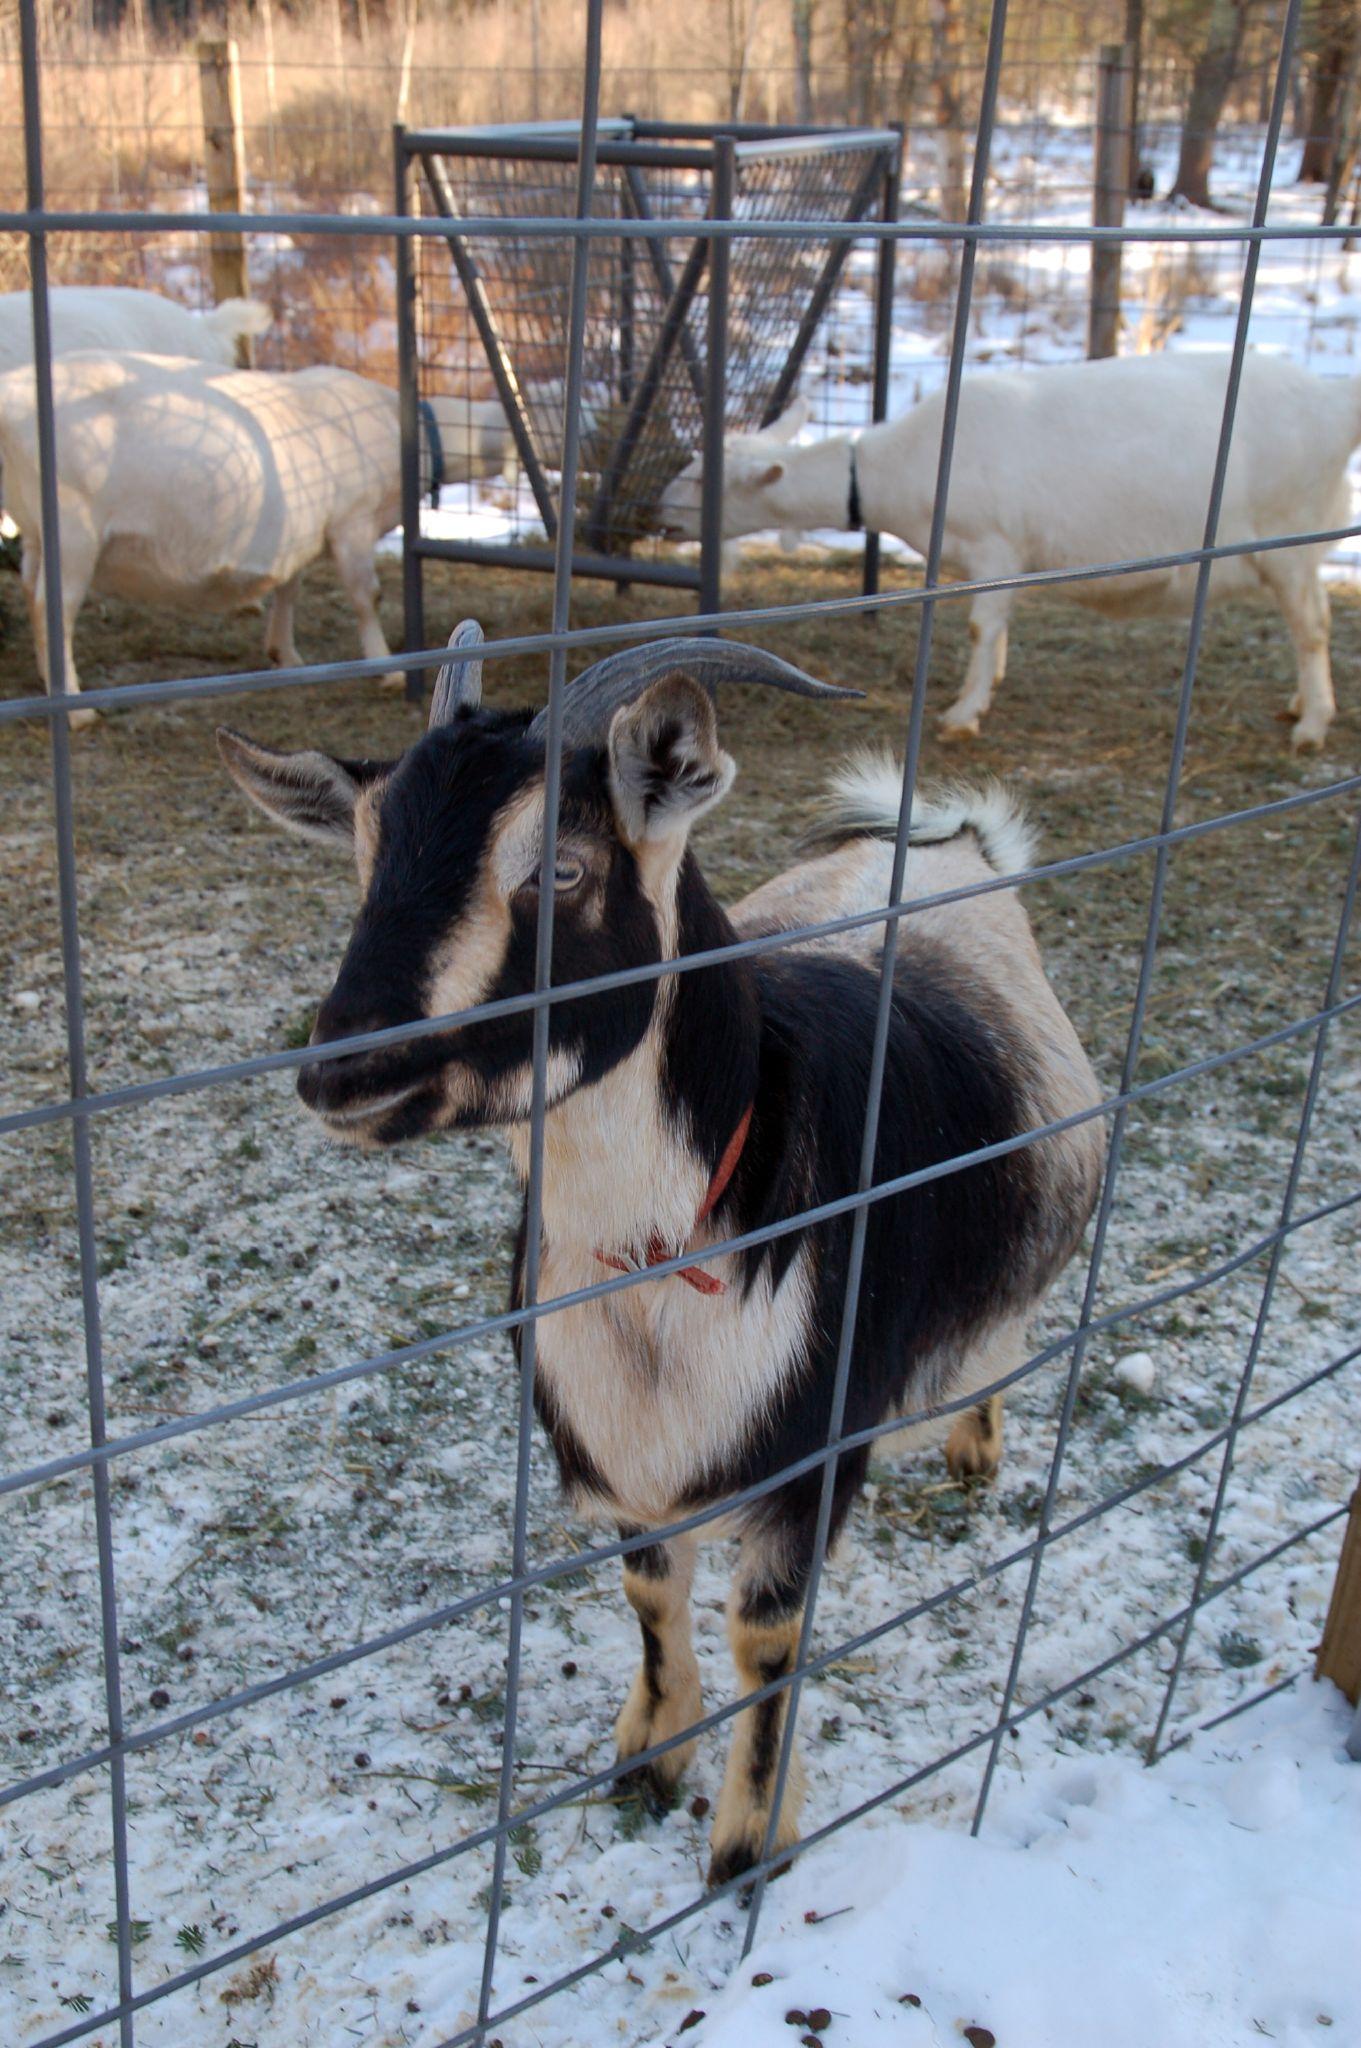 File:Arapawa dairy goat jpg - Wikimedia Commons